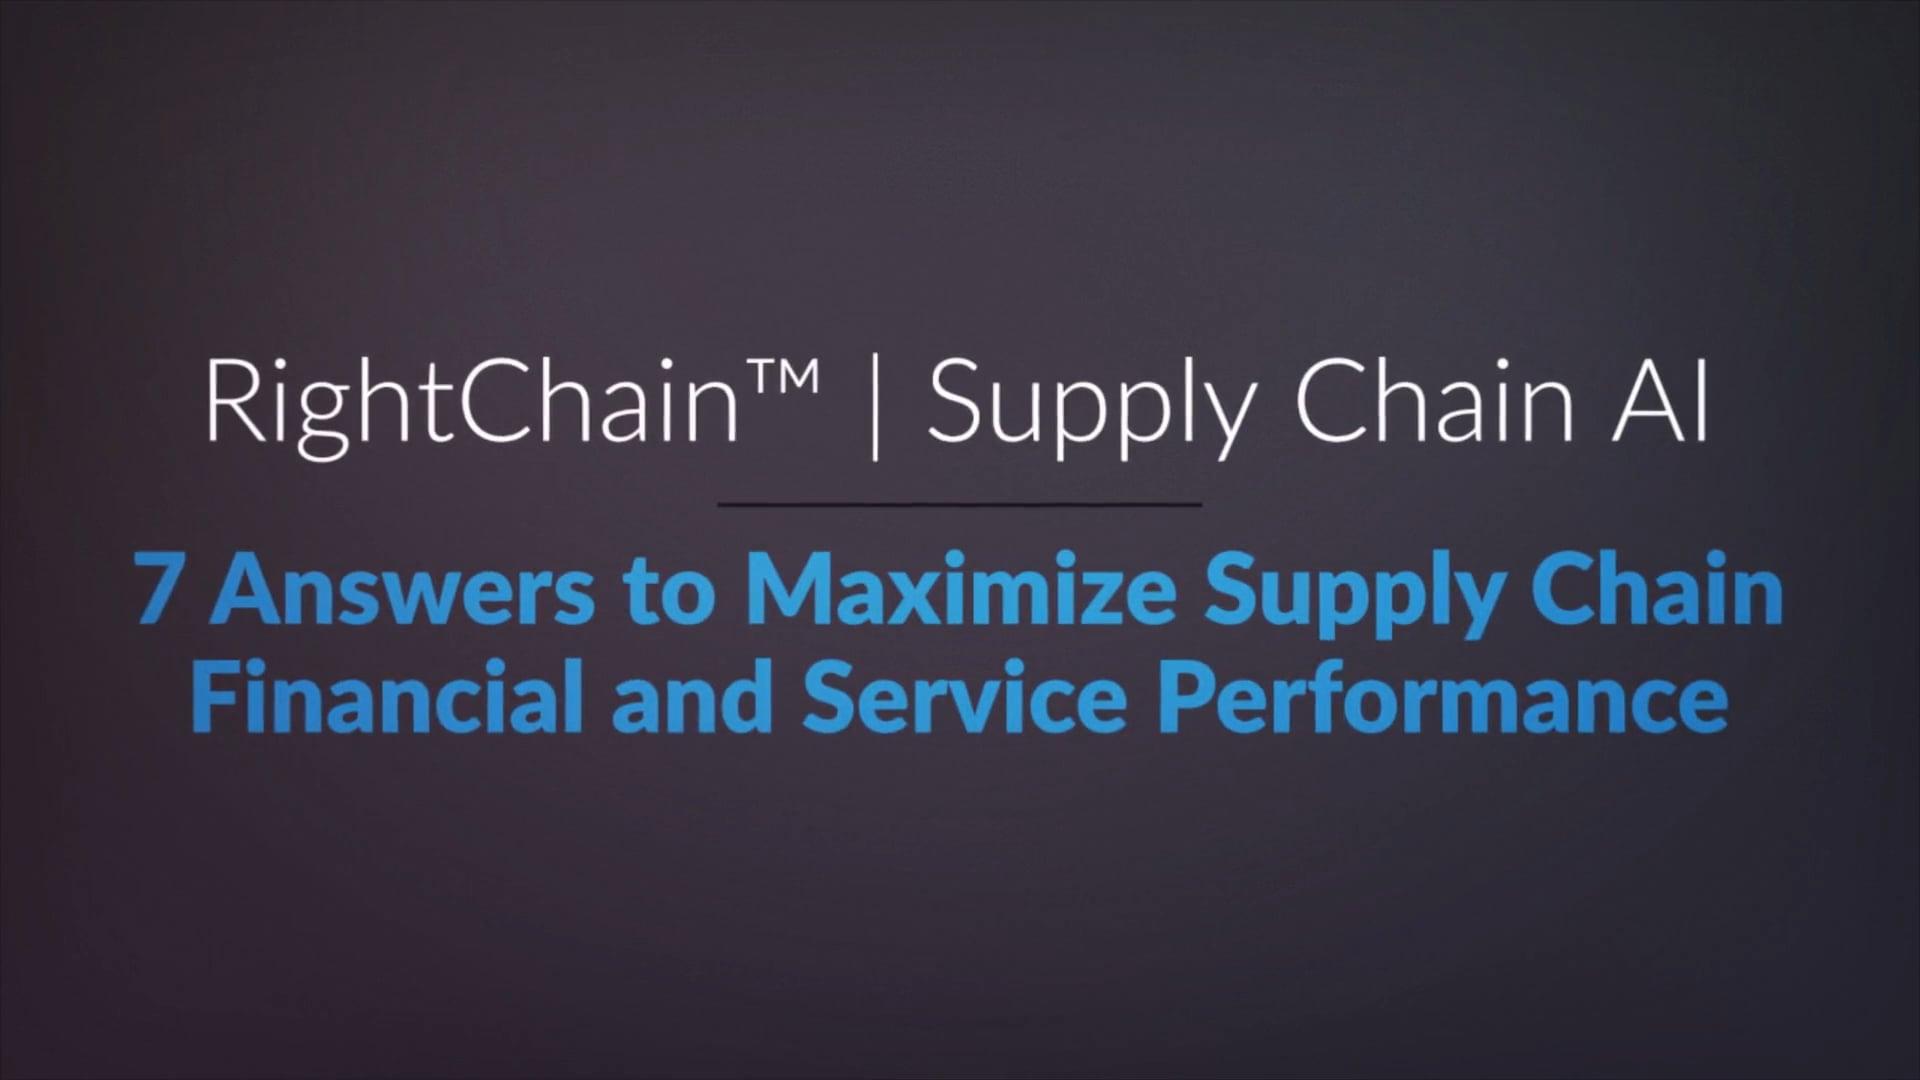 RightChain | Supply Chain AI